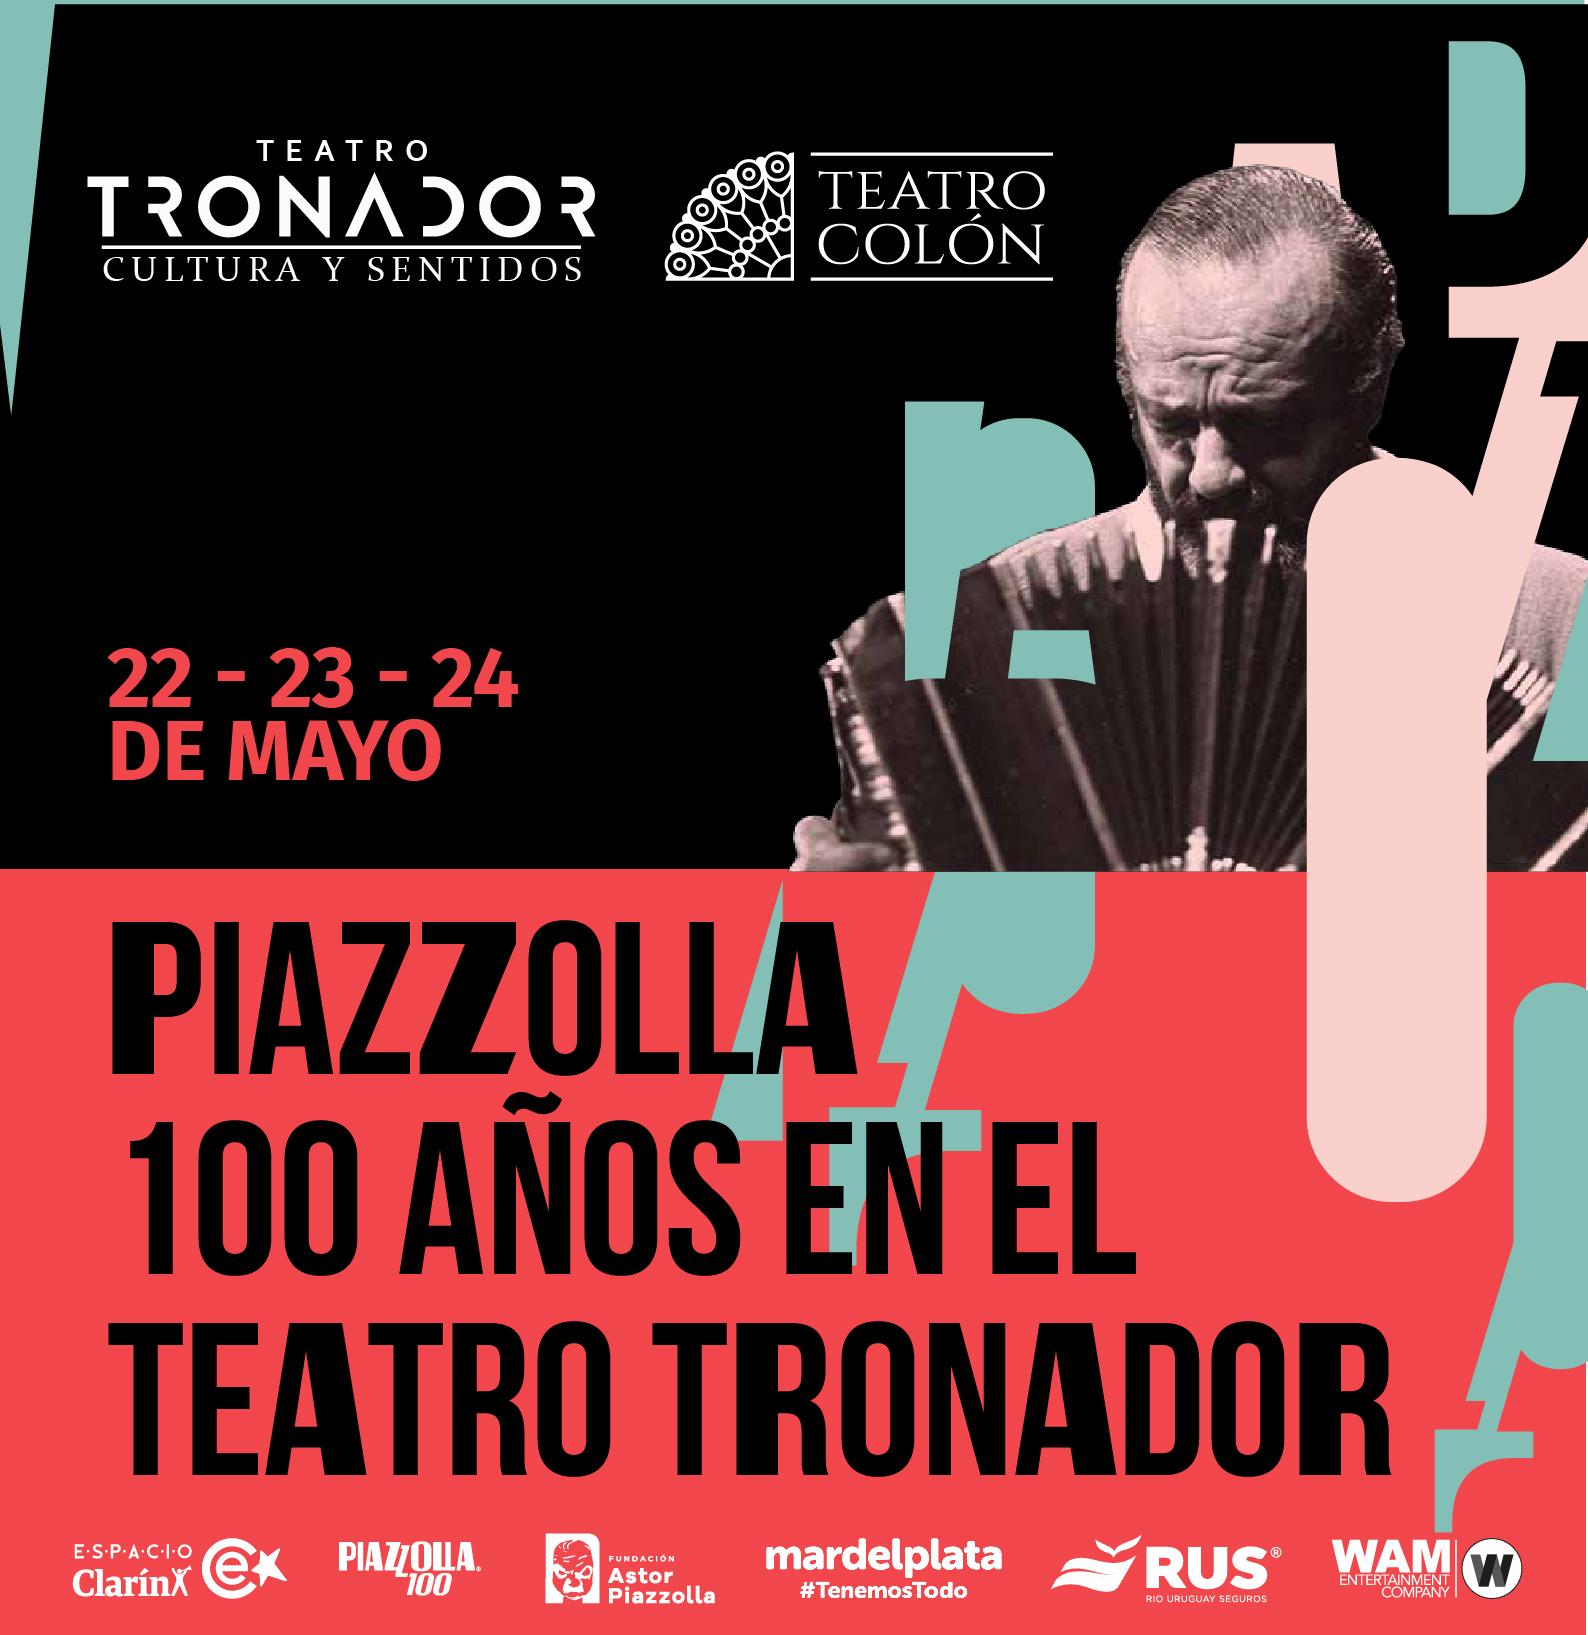 PIAZZOLLA 100: UN HOMENAJE SIN PRECEDENTES EN EL TEATRO TRONADOR